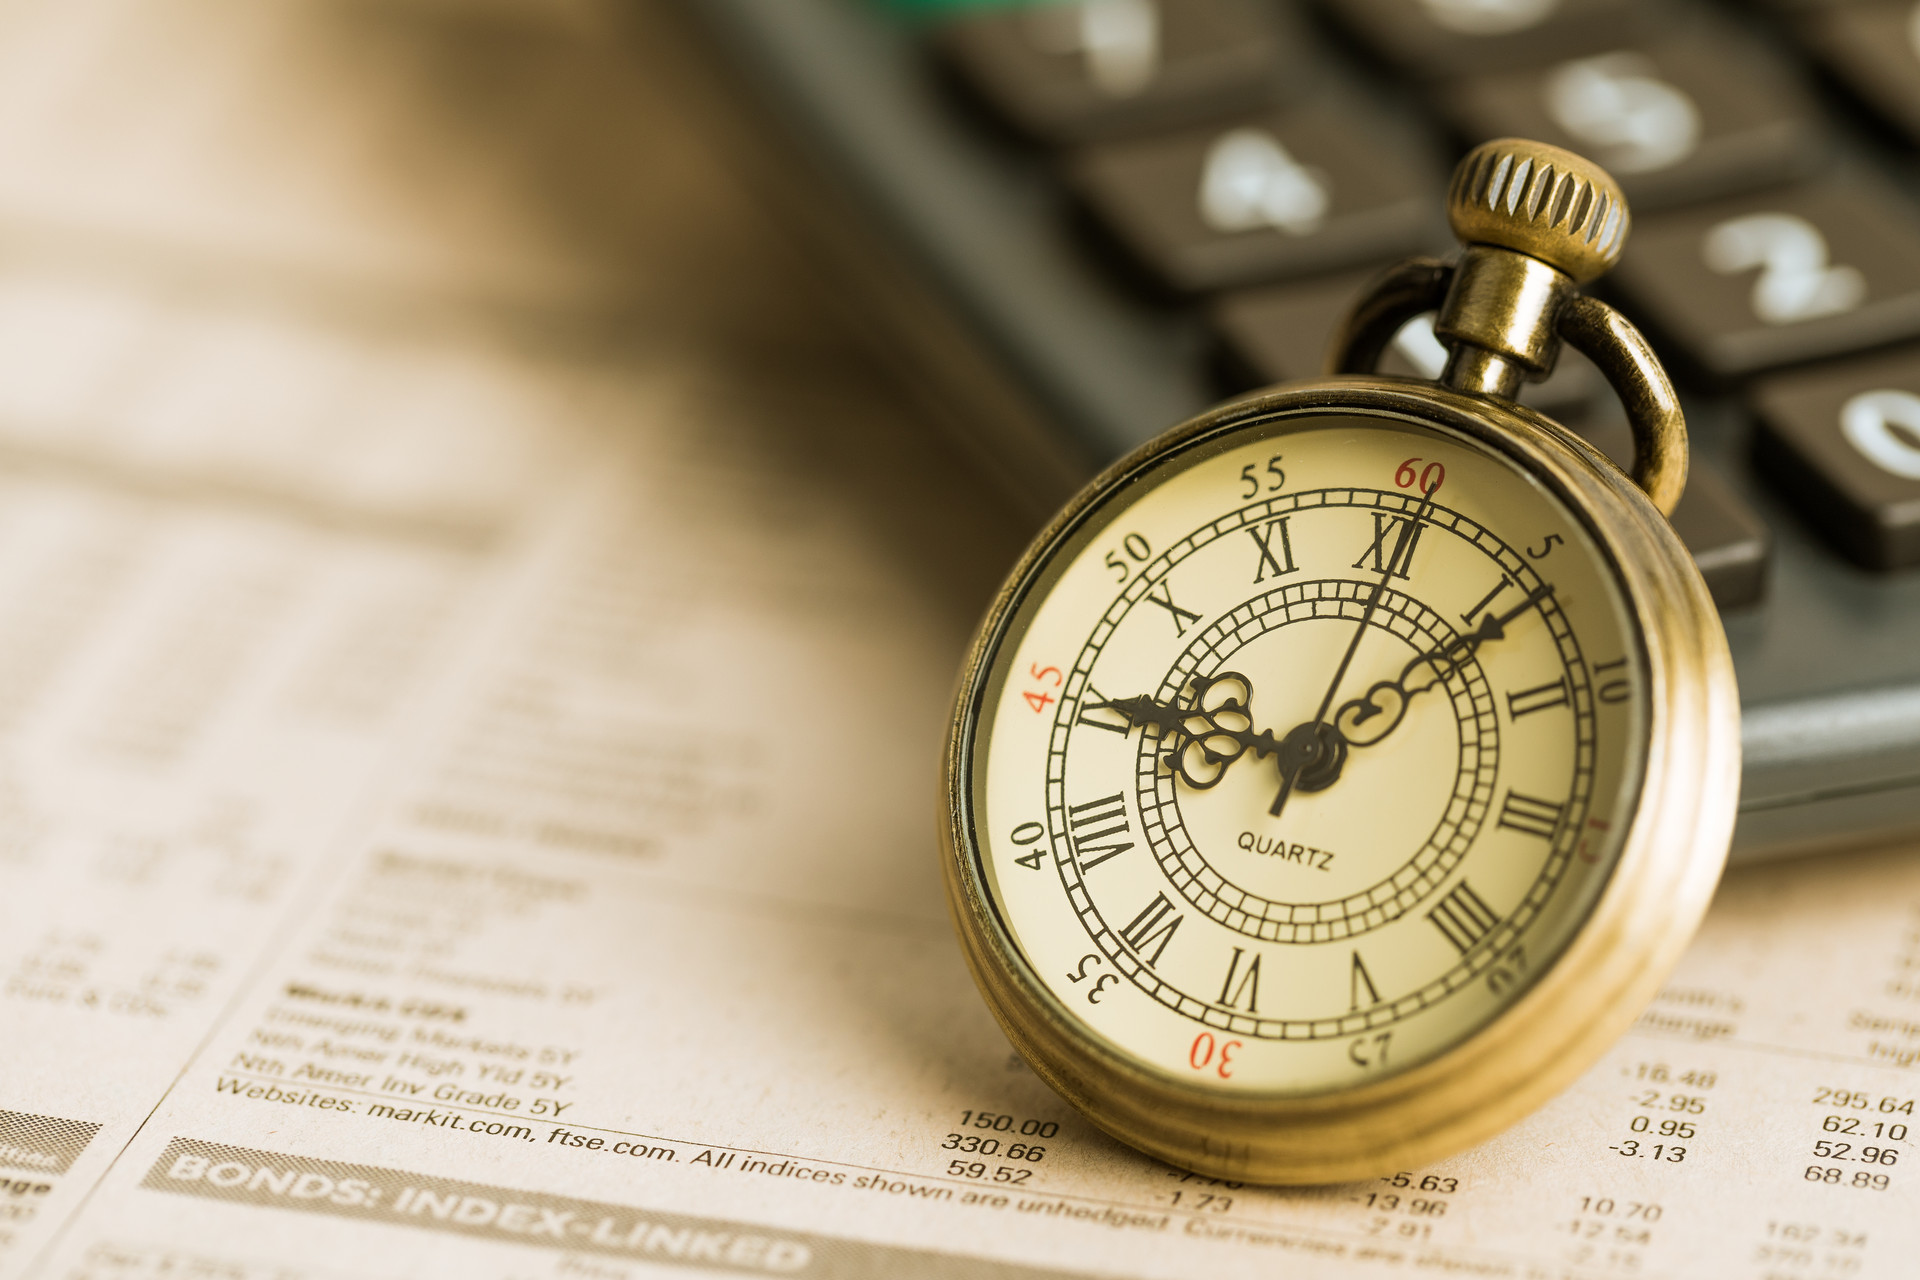 年金保險是養老保險嗎?兩者有啥區別